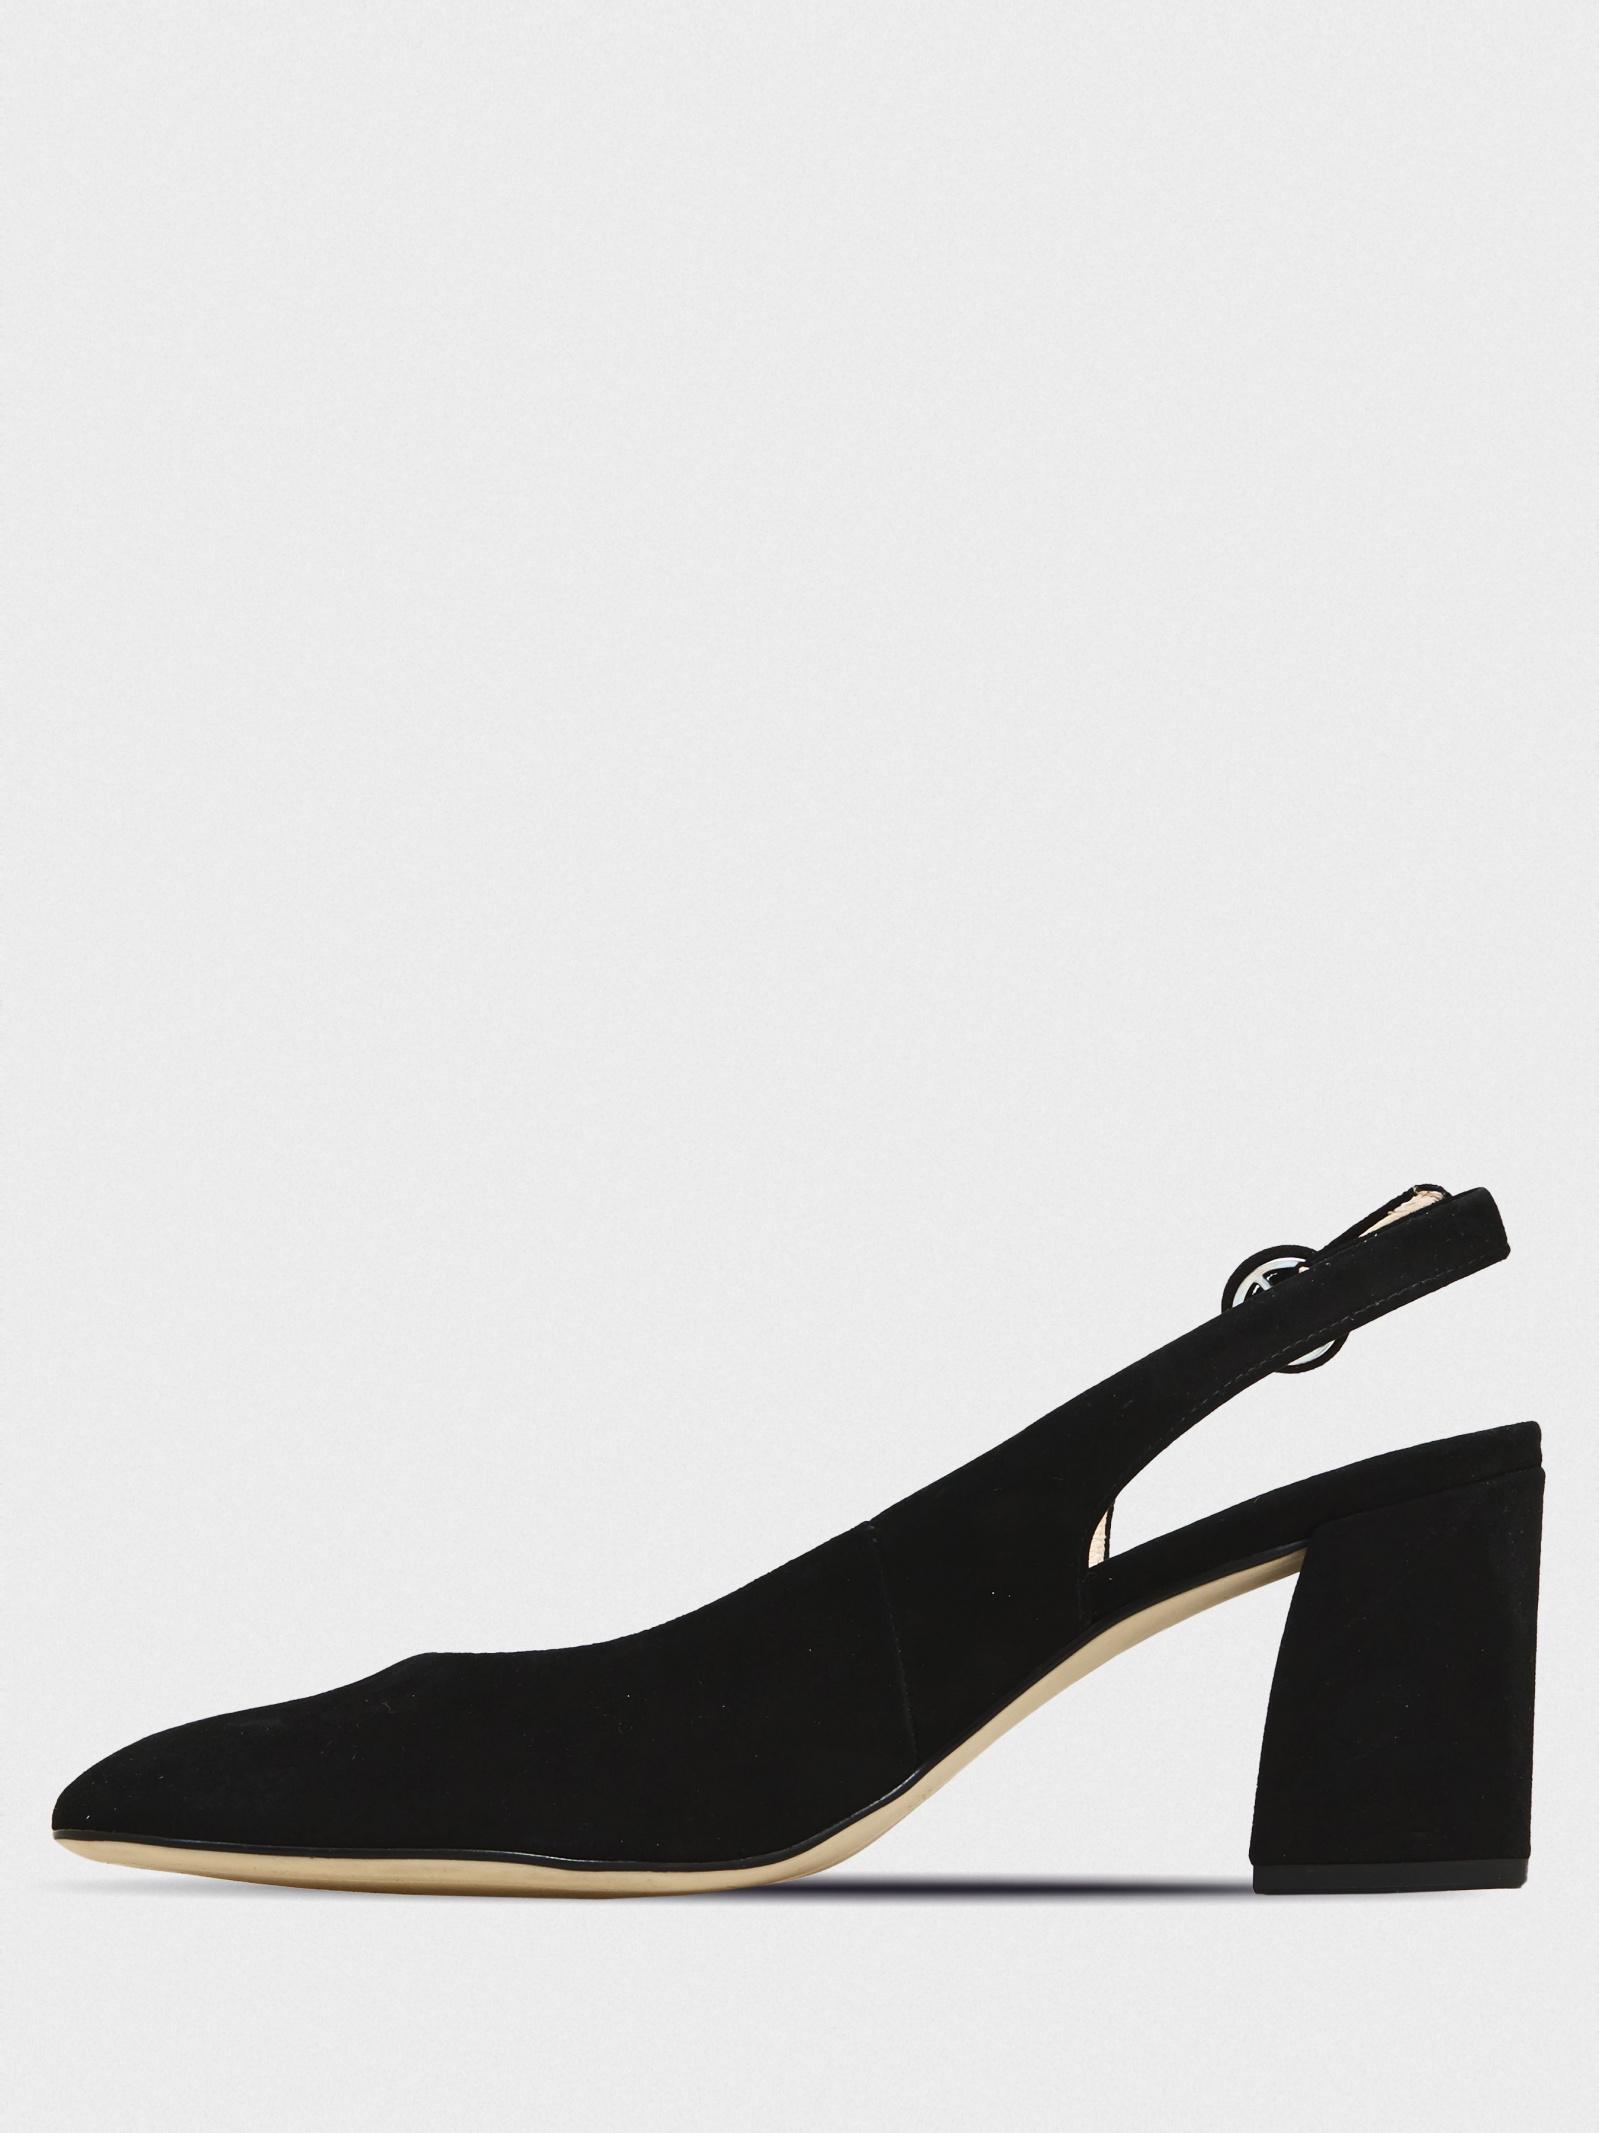 Босоніжки  для жінок Hogl ELEGANZA 9-105102-0100 продаж, 2017